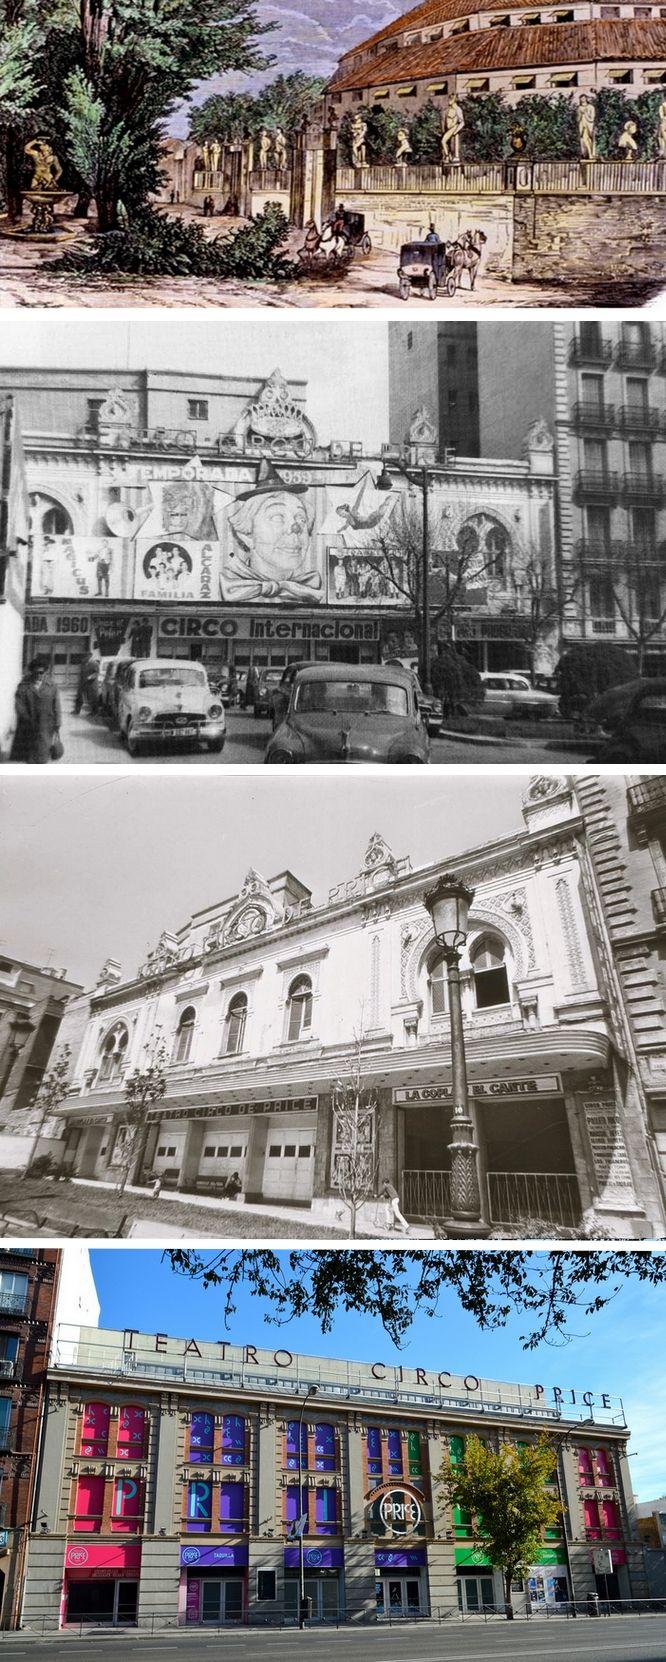 Teatro Circo Price - En el Paseo de Recoletos - En la Plaza del Rey en 196o y poco antes del derribo (1970) - En la Ronda de Atocha en 2015.